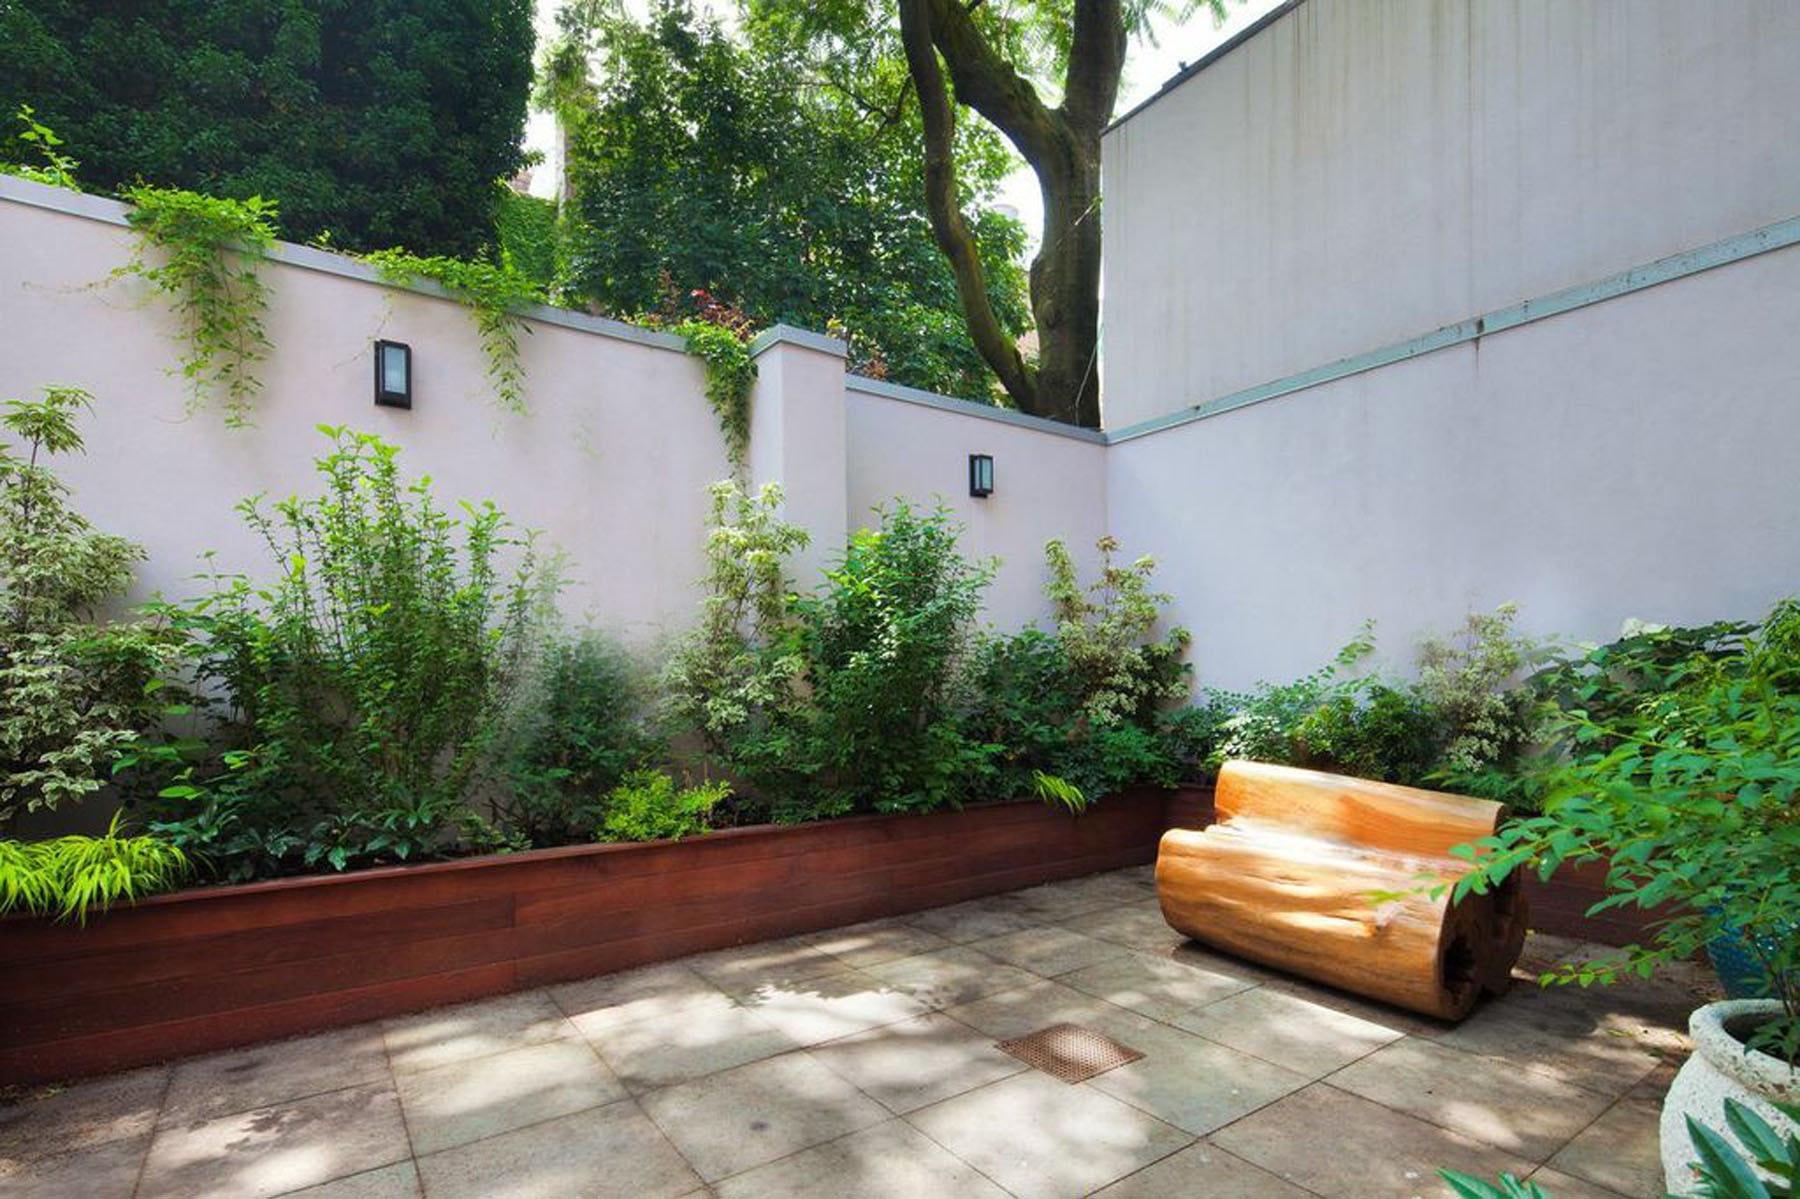 Garden Design Nyc Design Roomraleigh kitchen cabinets Nice